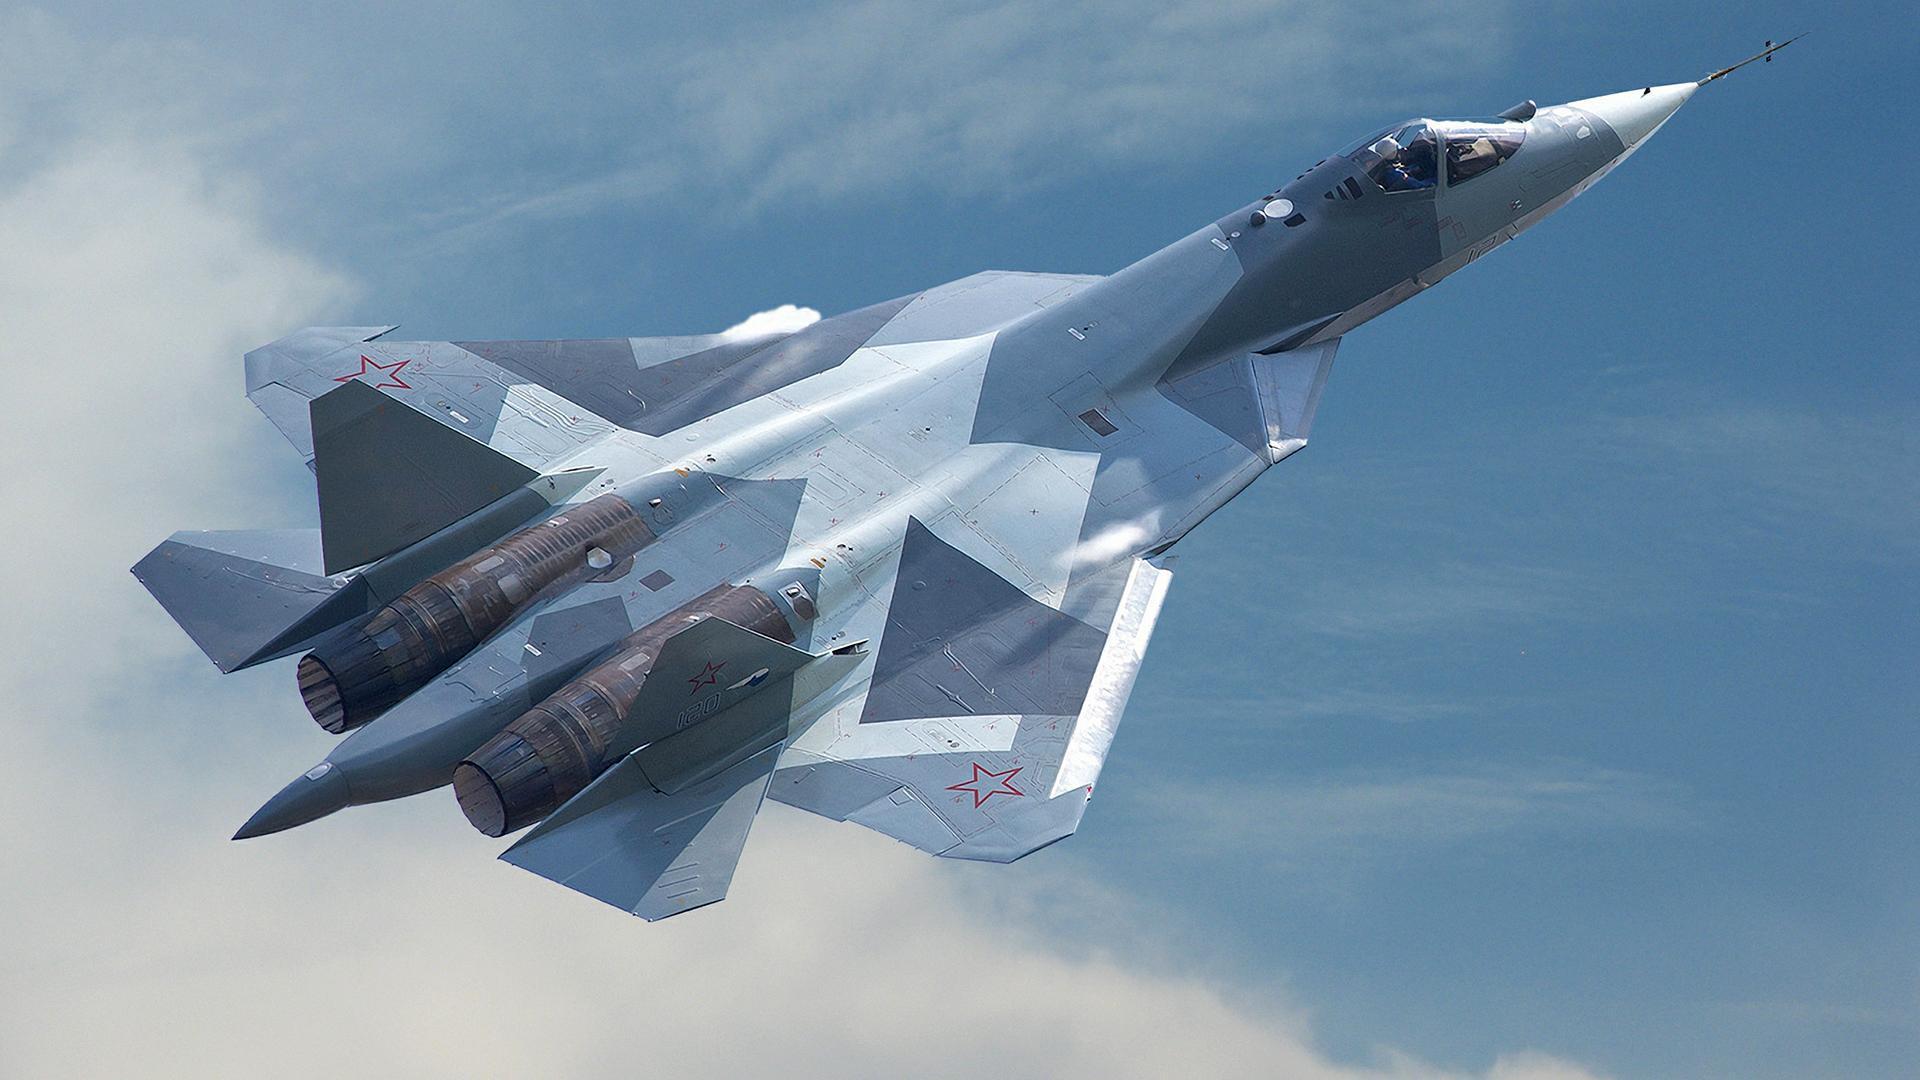 Эксперты рассказали, в чем российский истребитель Су-57 превосходит американский F-35